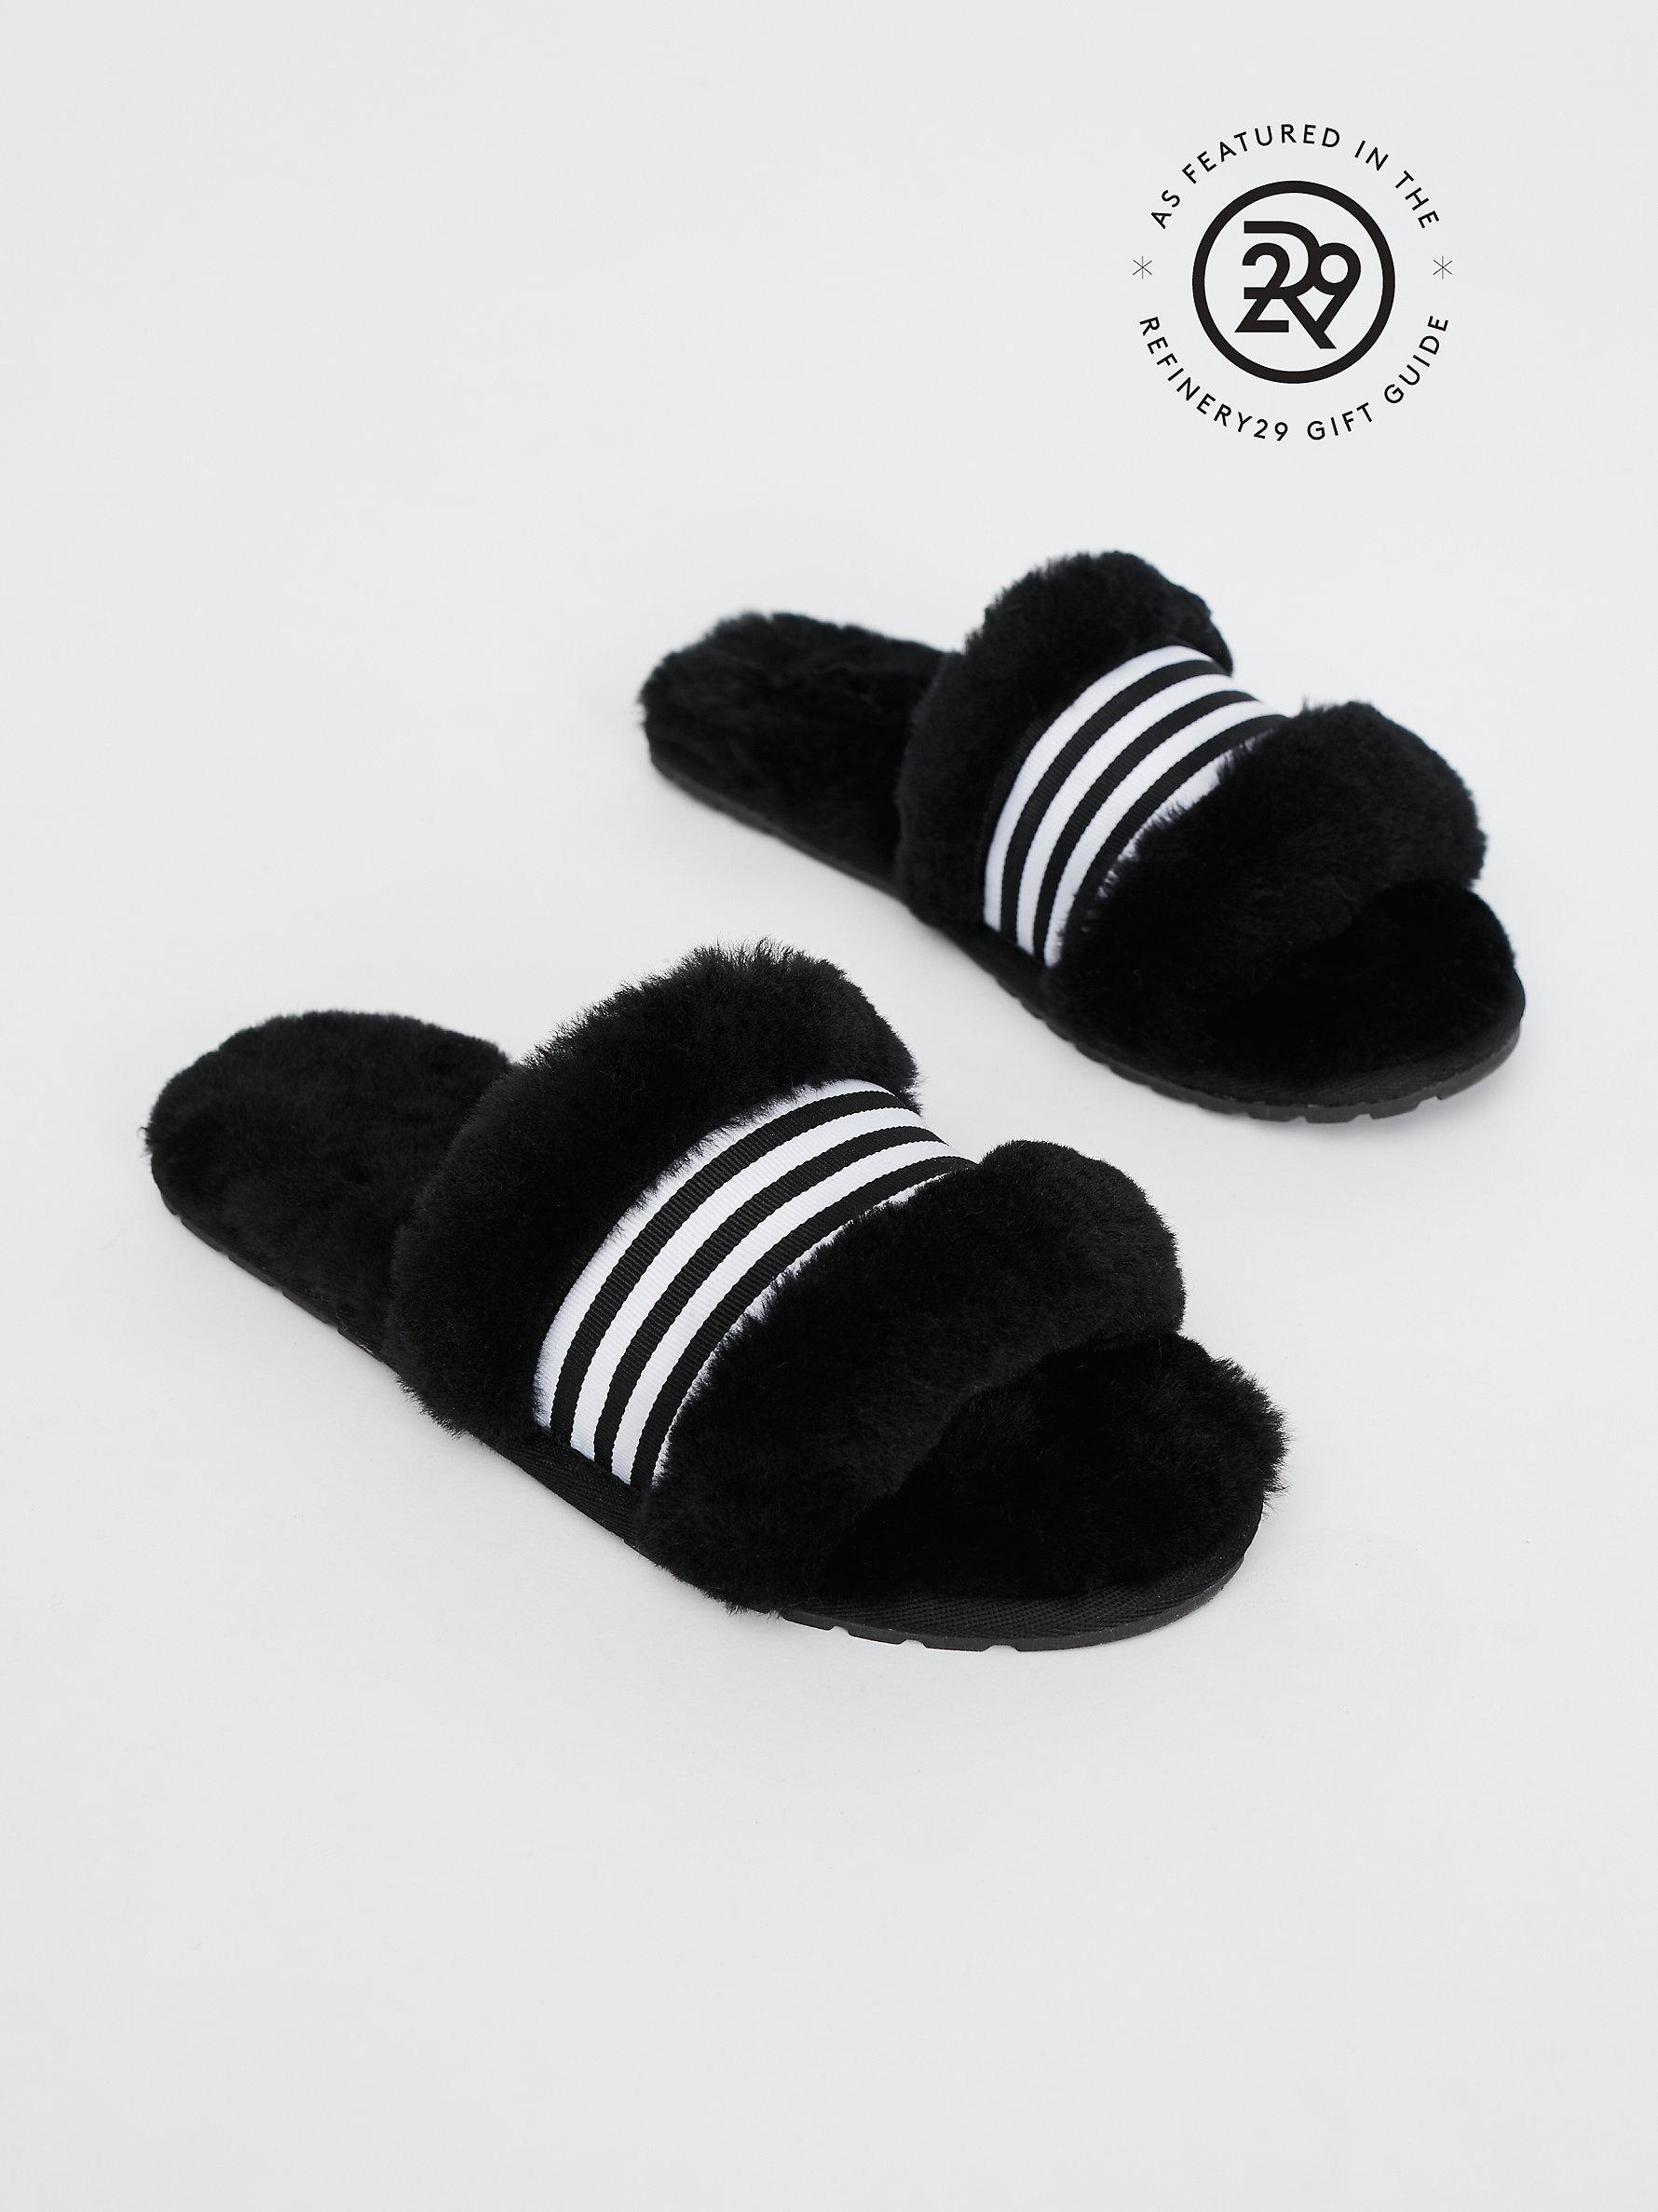 06c9beed5cc8 Lyst - Free People Wrenlette Slipper in Black